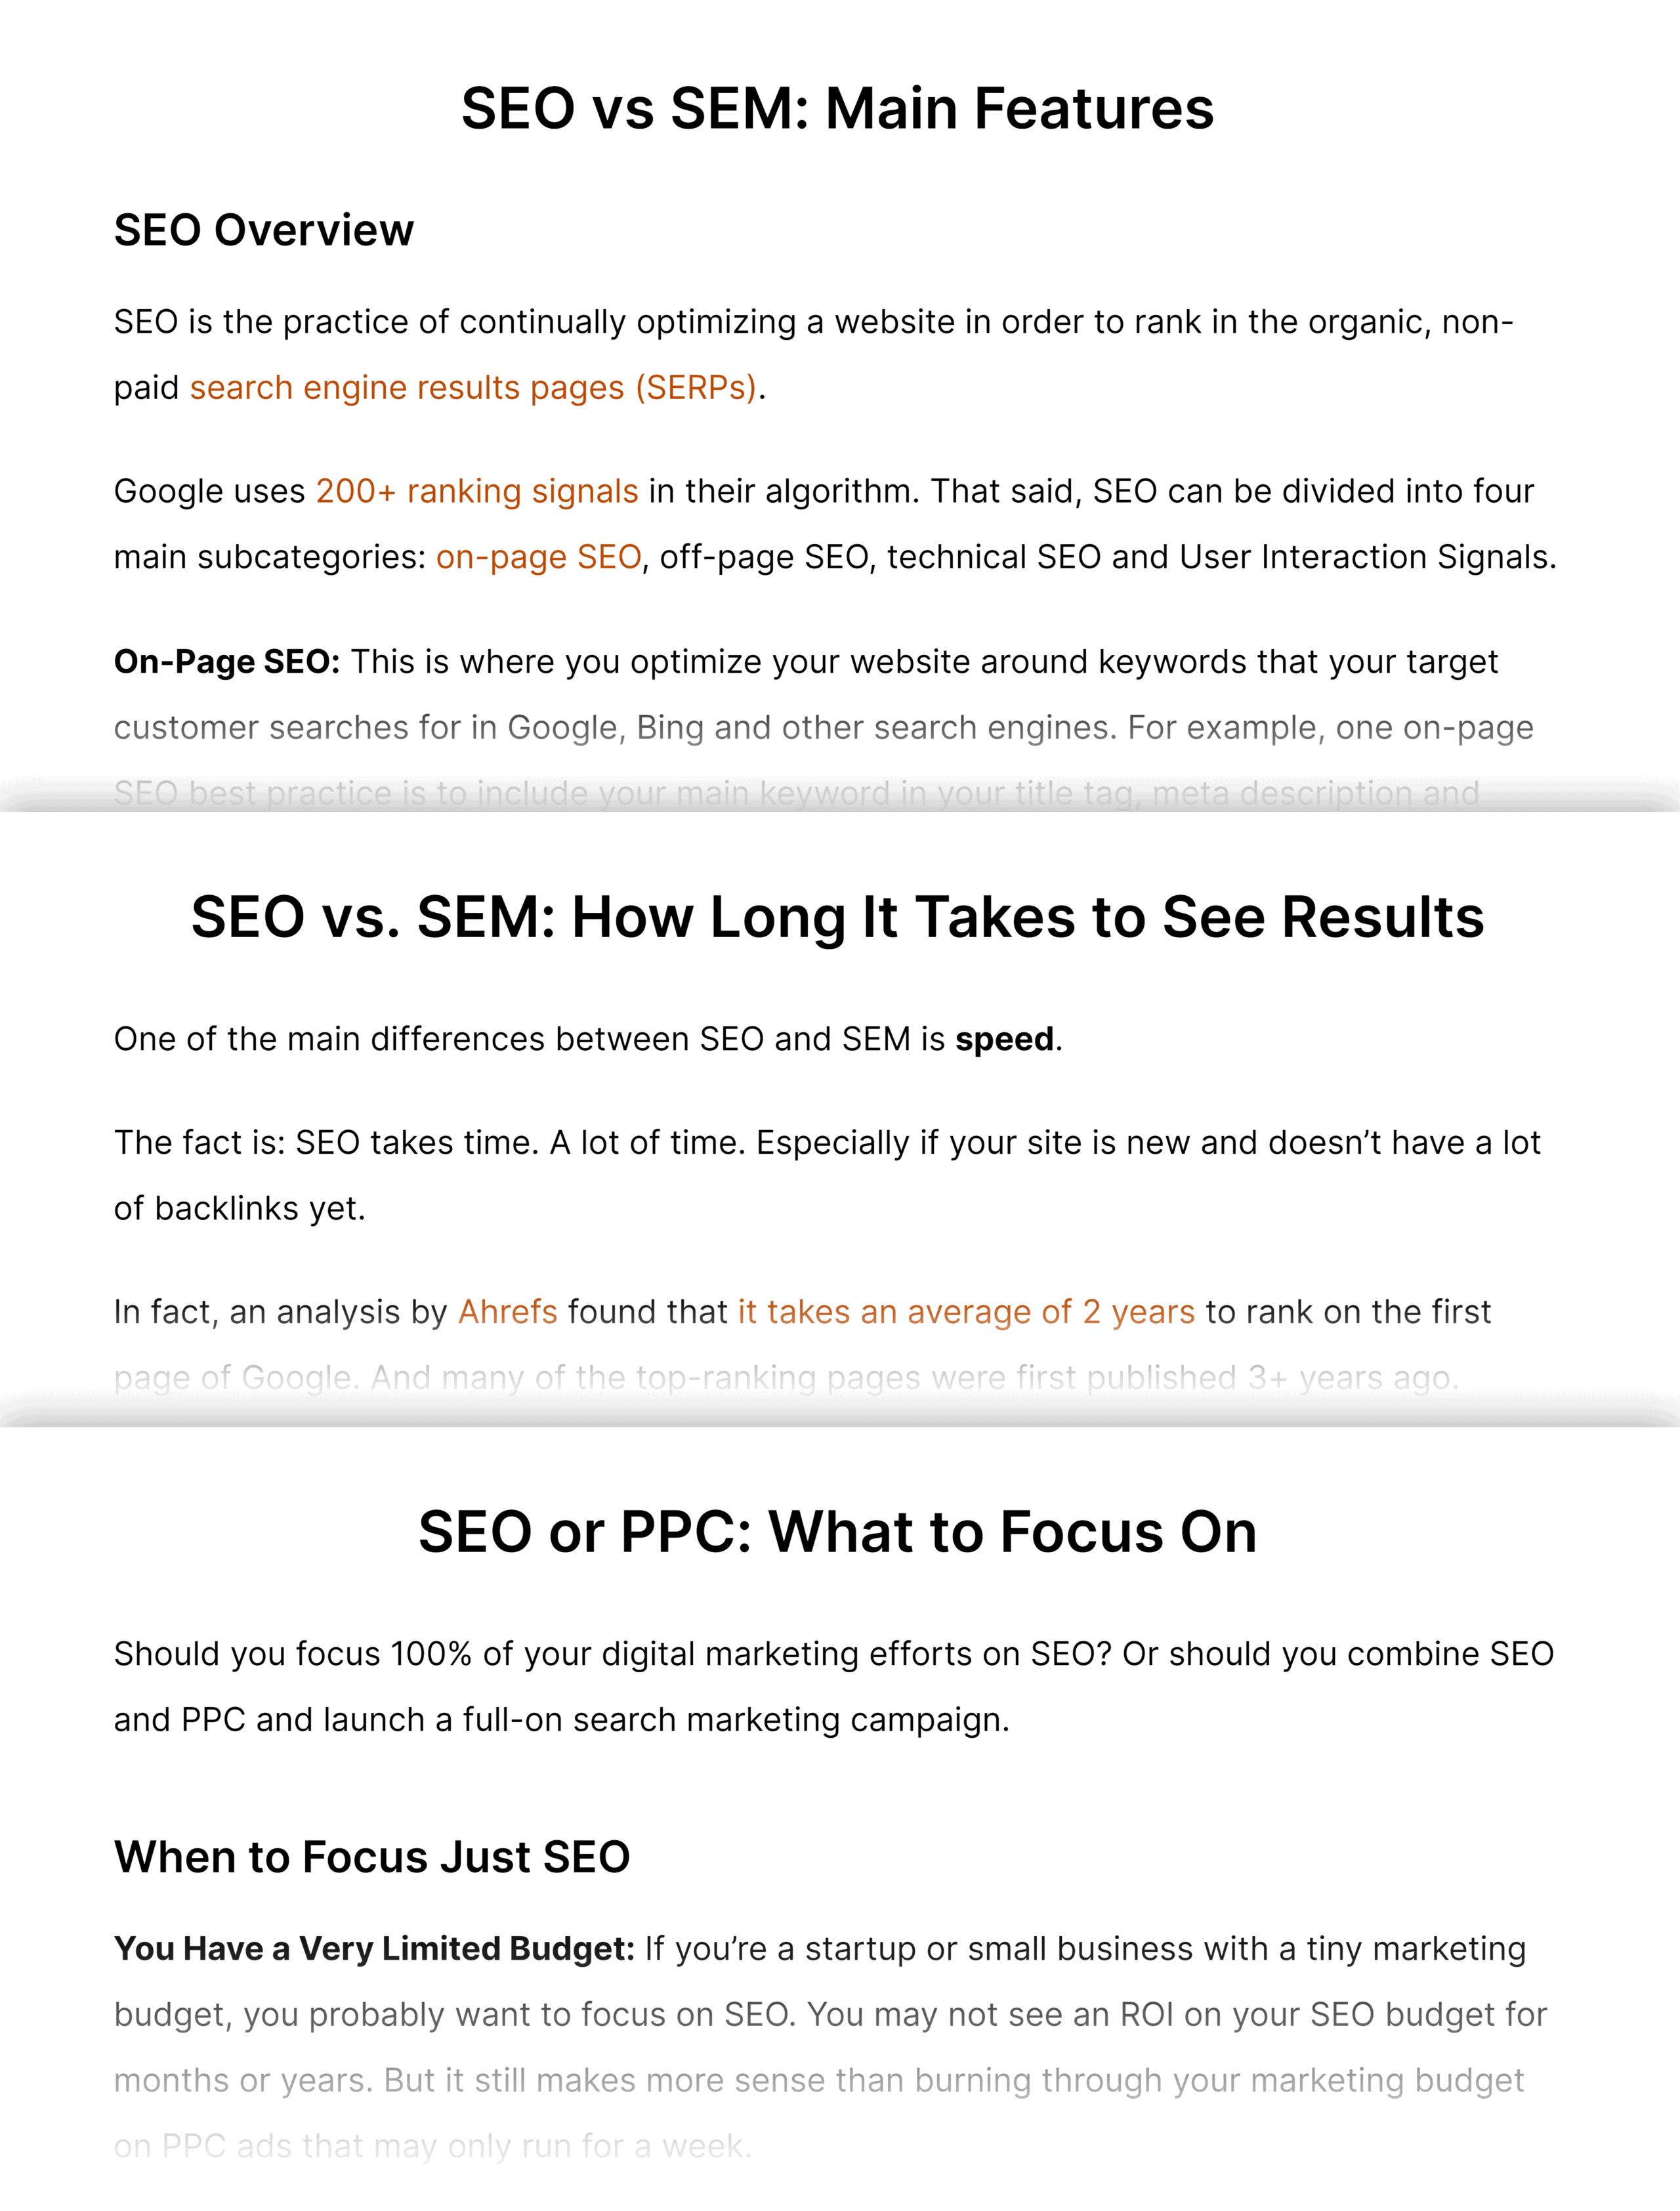 SEO vs. SEM – Sections